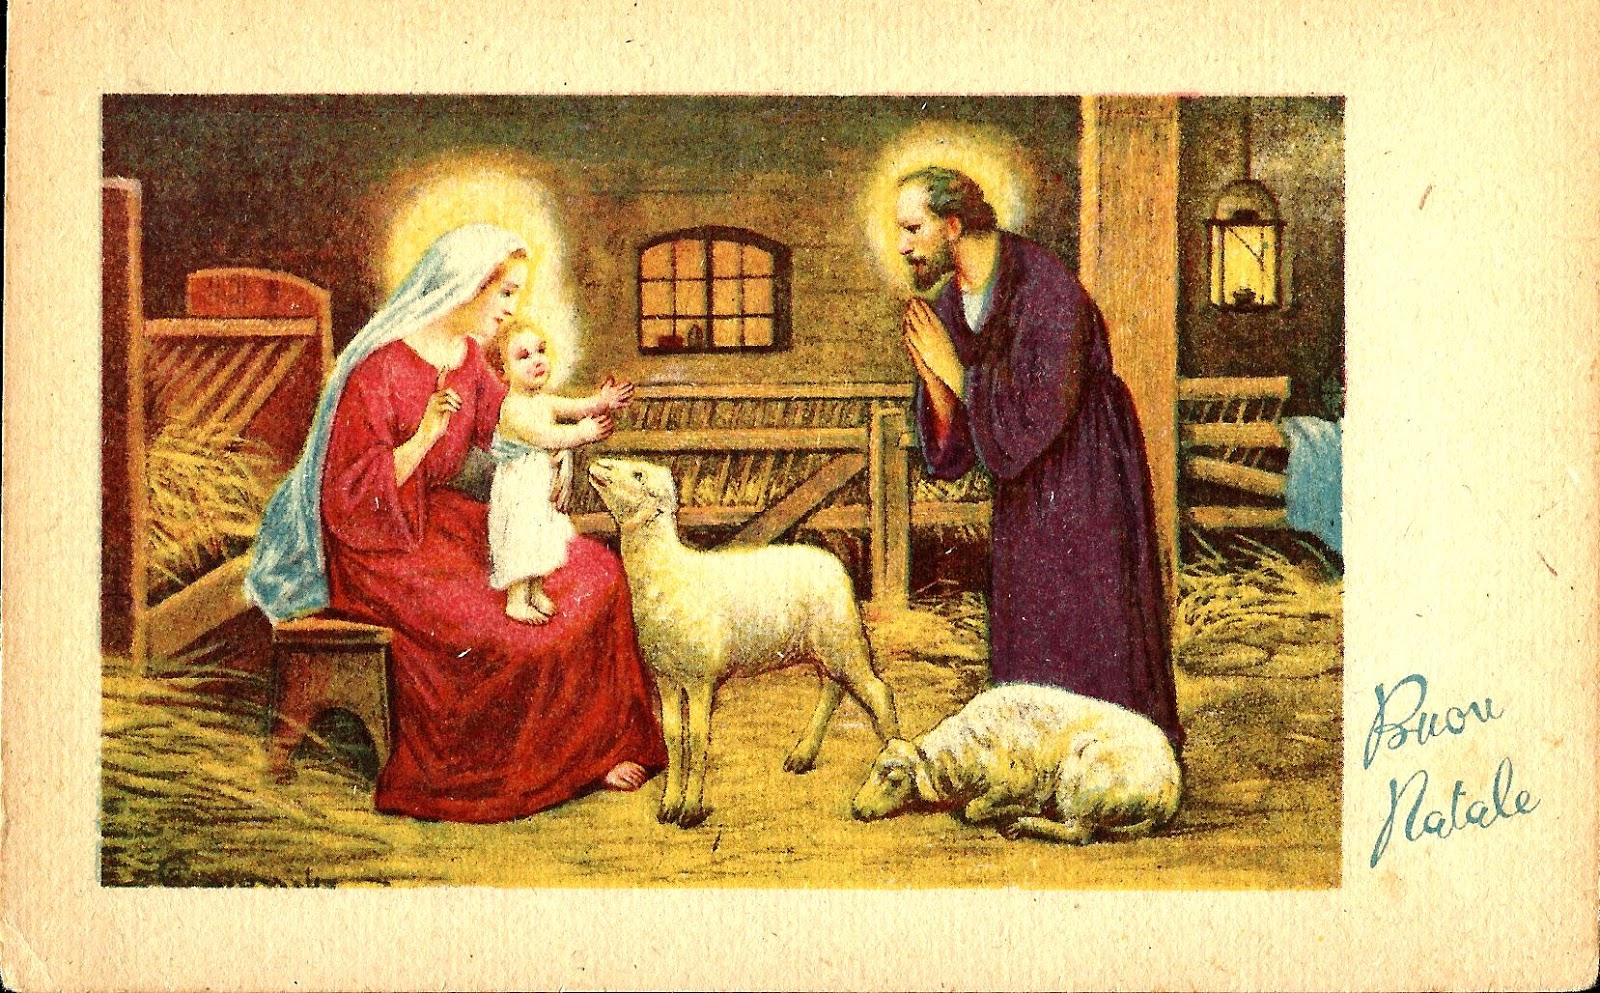 Immagini Antiche Del Natale.C Era Una Volta Il Natale Il Sestante News Giornale Online